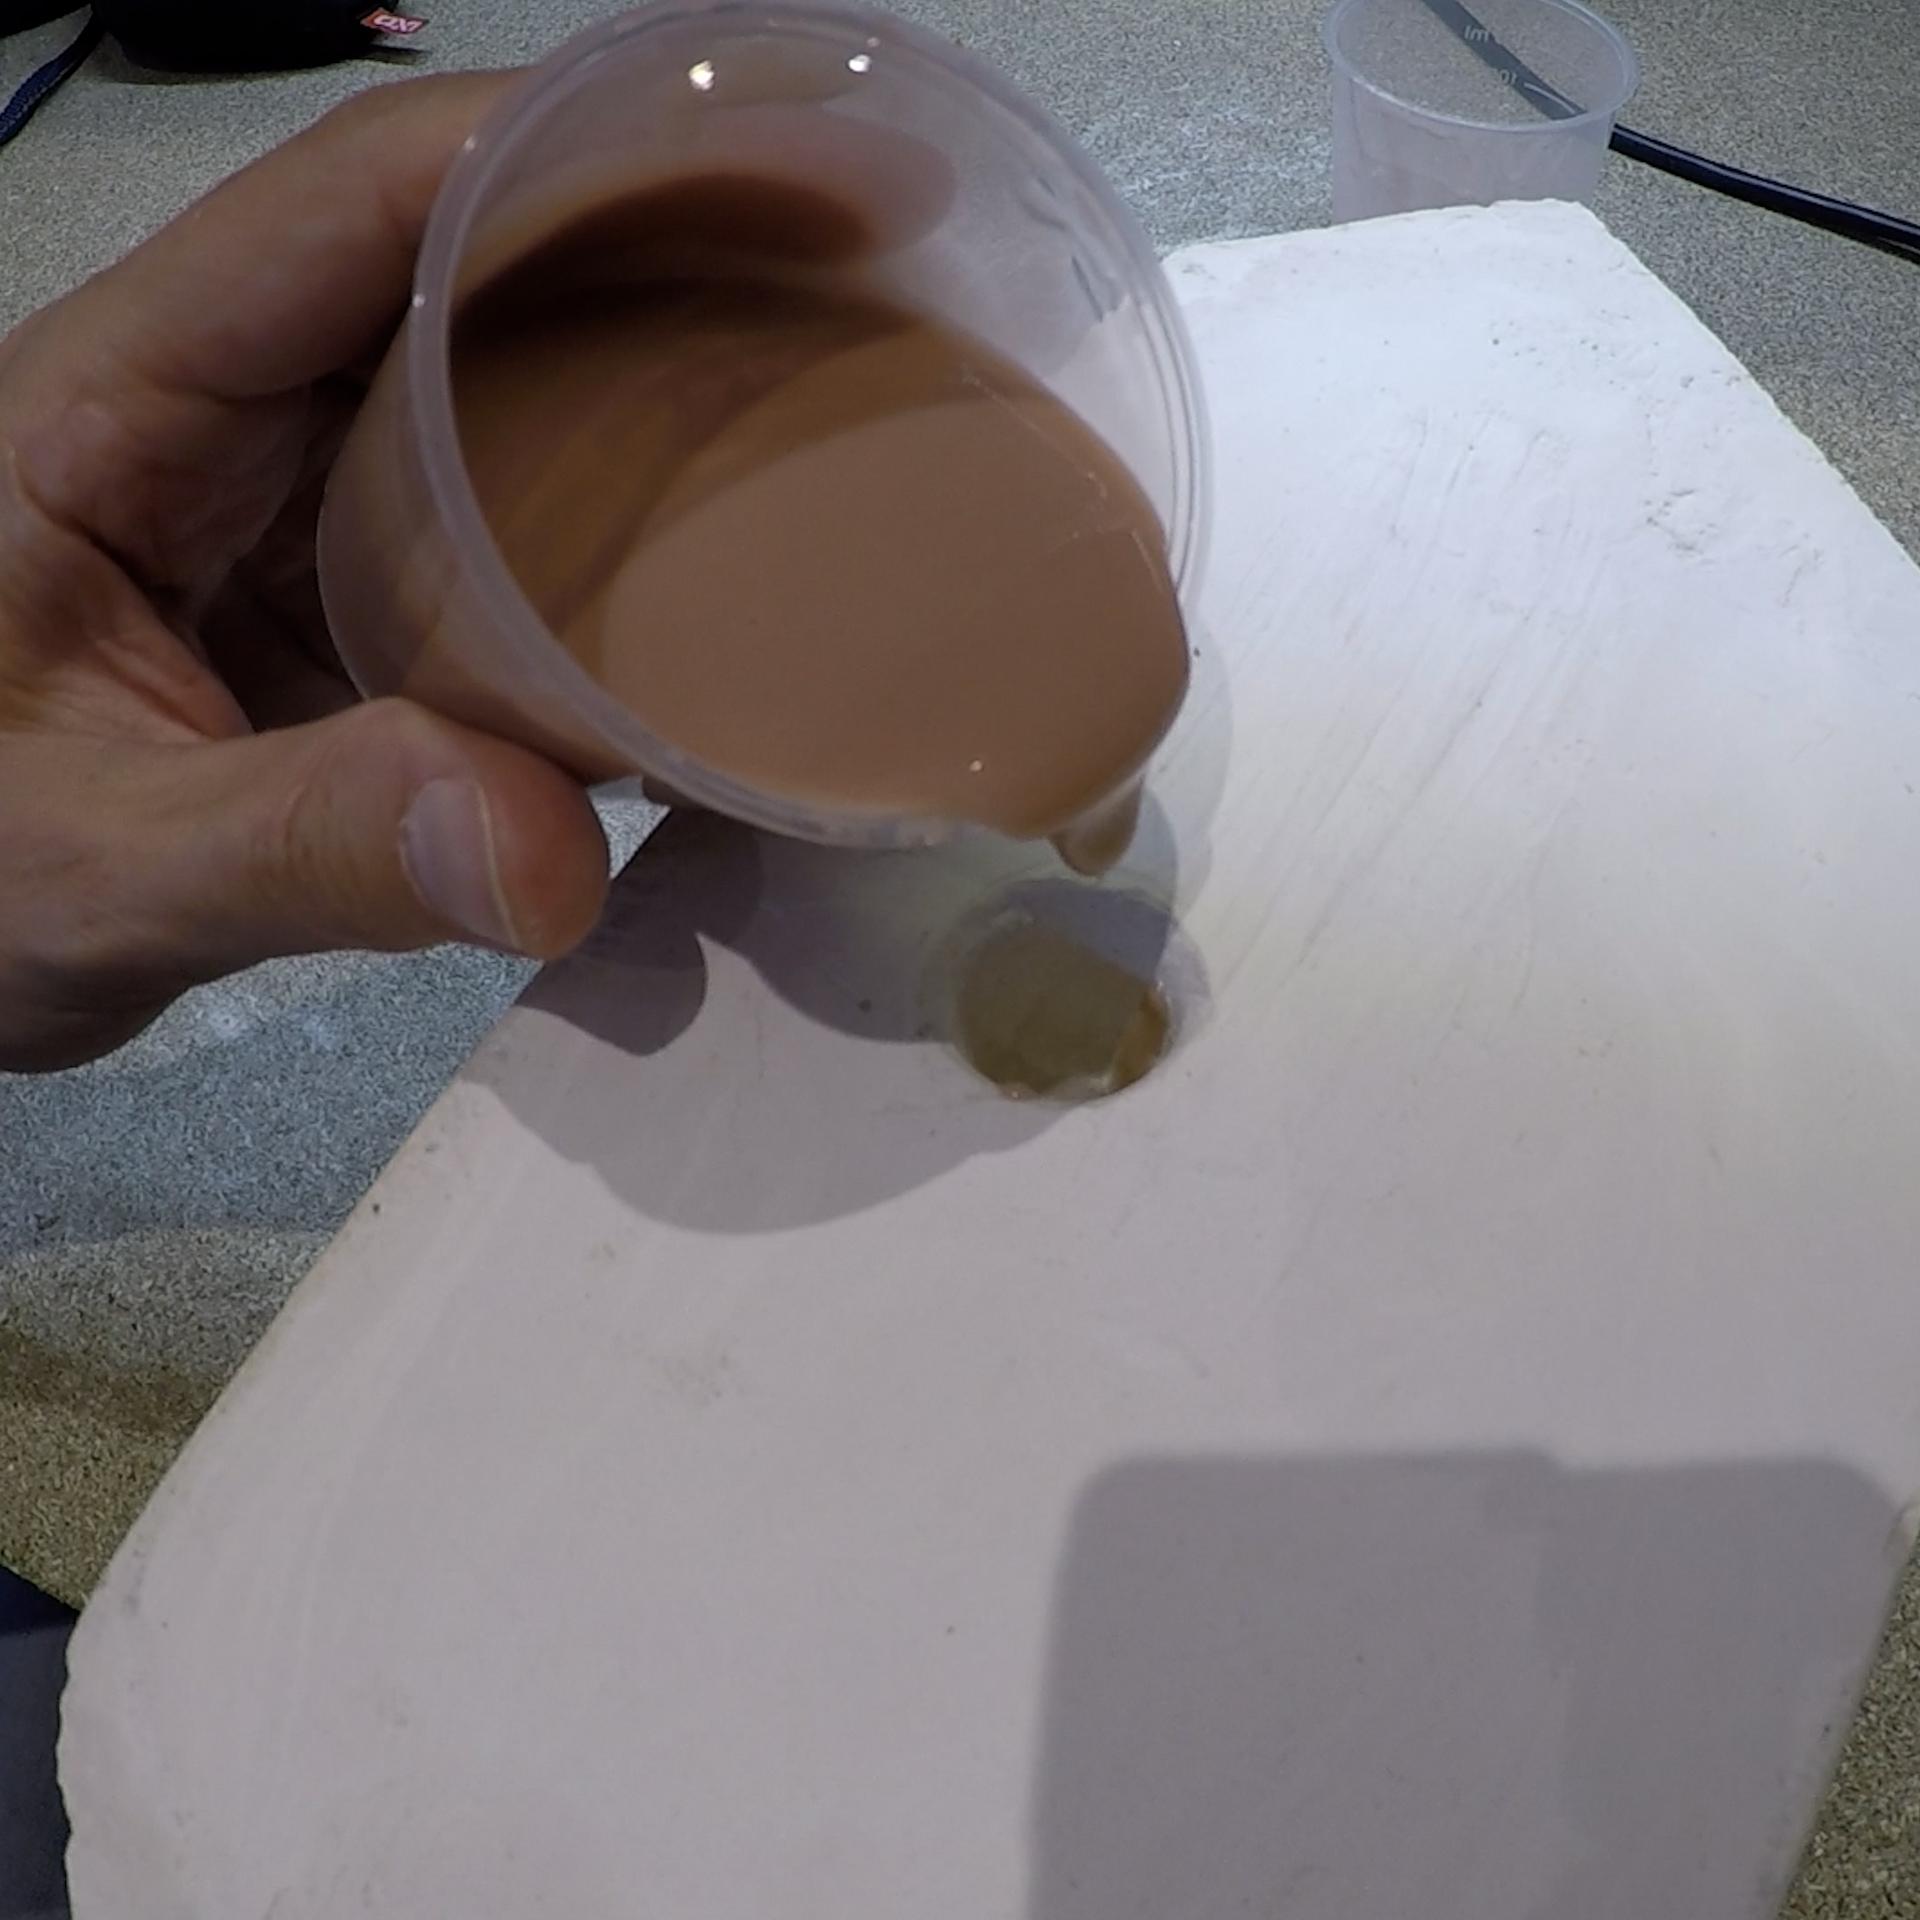 Coulage du silicone dans le moule en plâtre pour la fabrication d'un personnage d'animation en stopmotion